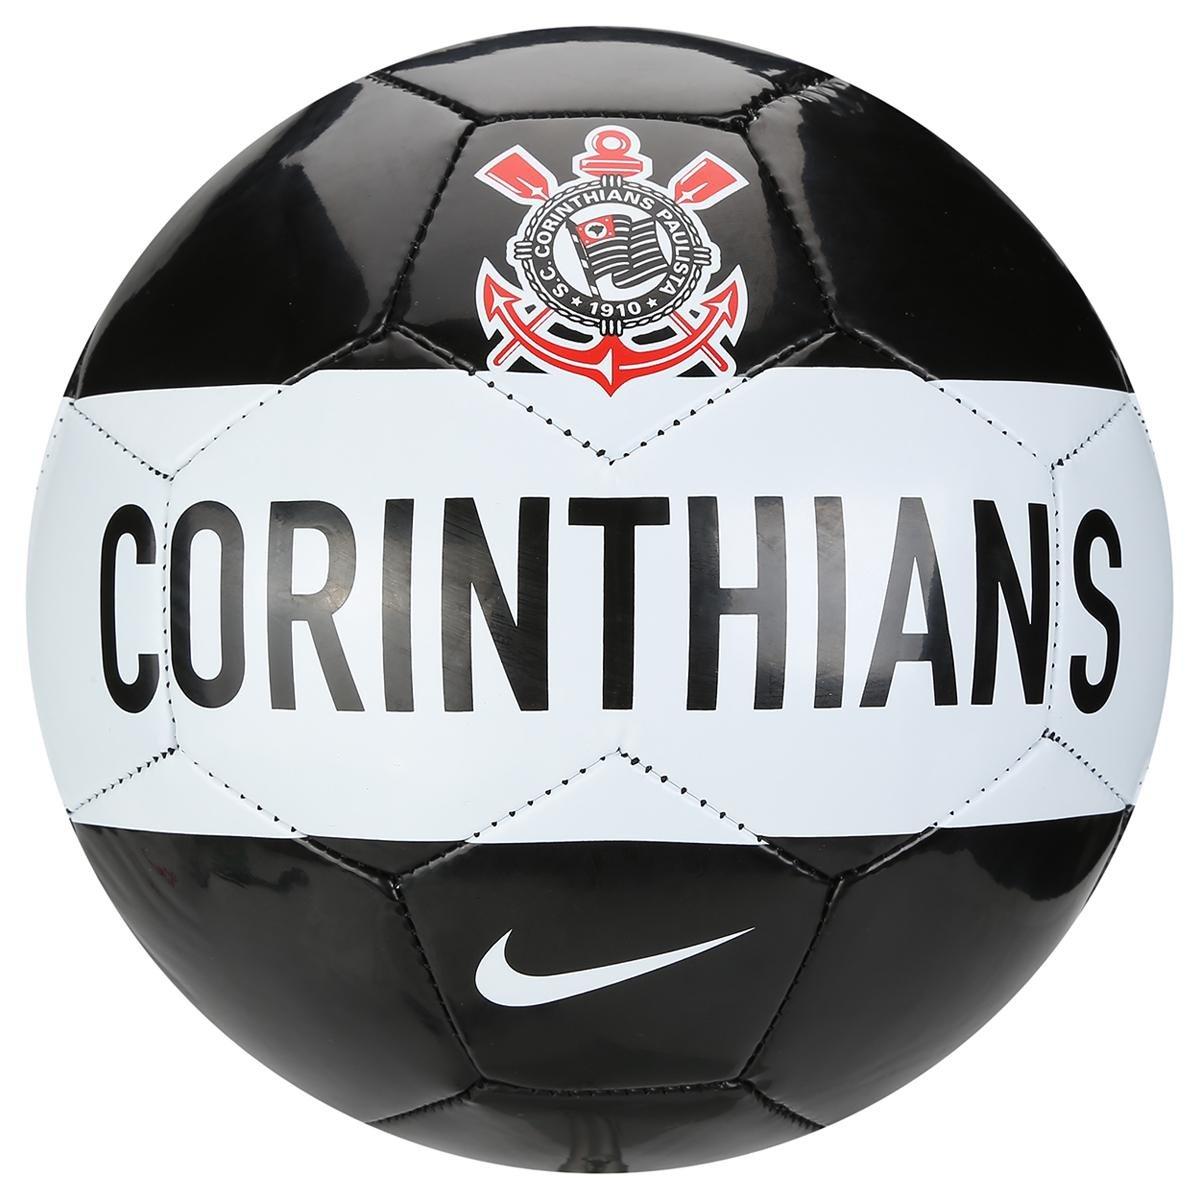 Bola Futebol Nike Corinthians Supporter s Ball Campo - Compre Agora ... c9684856a4970